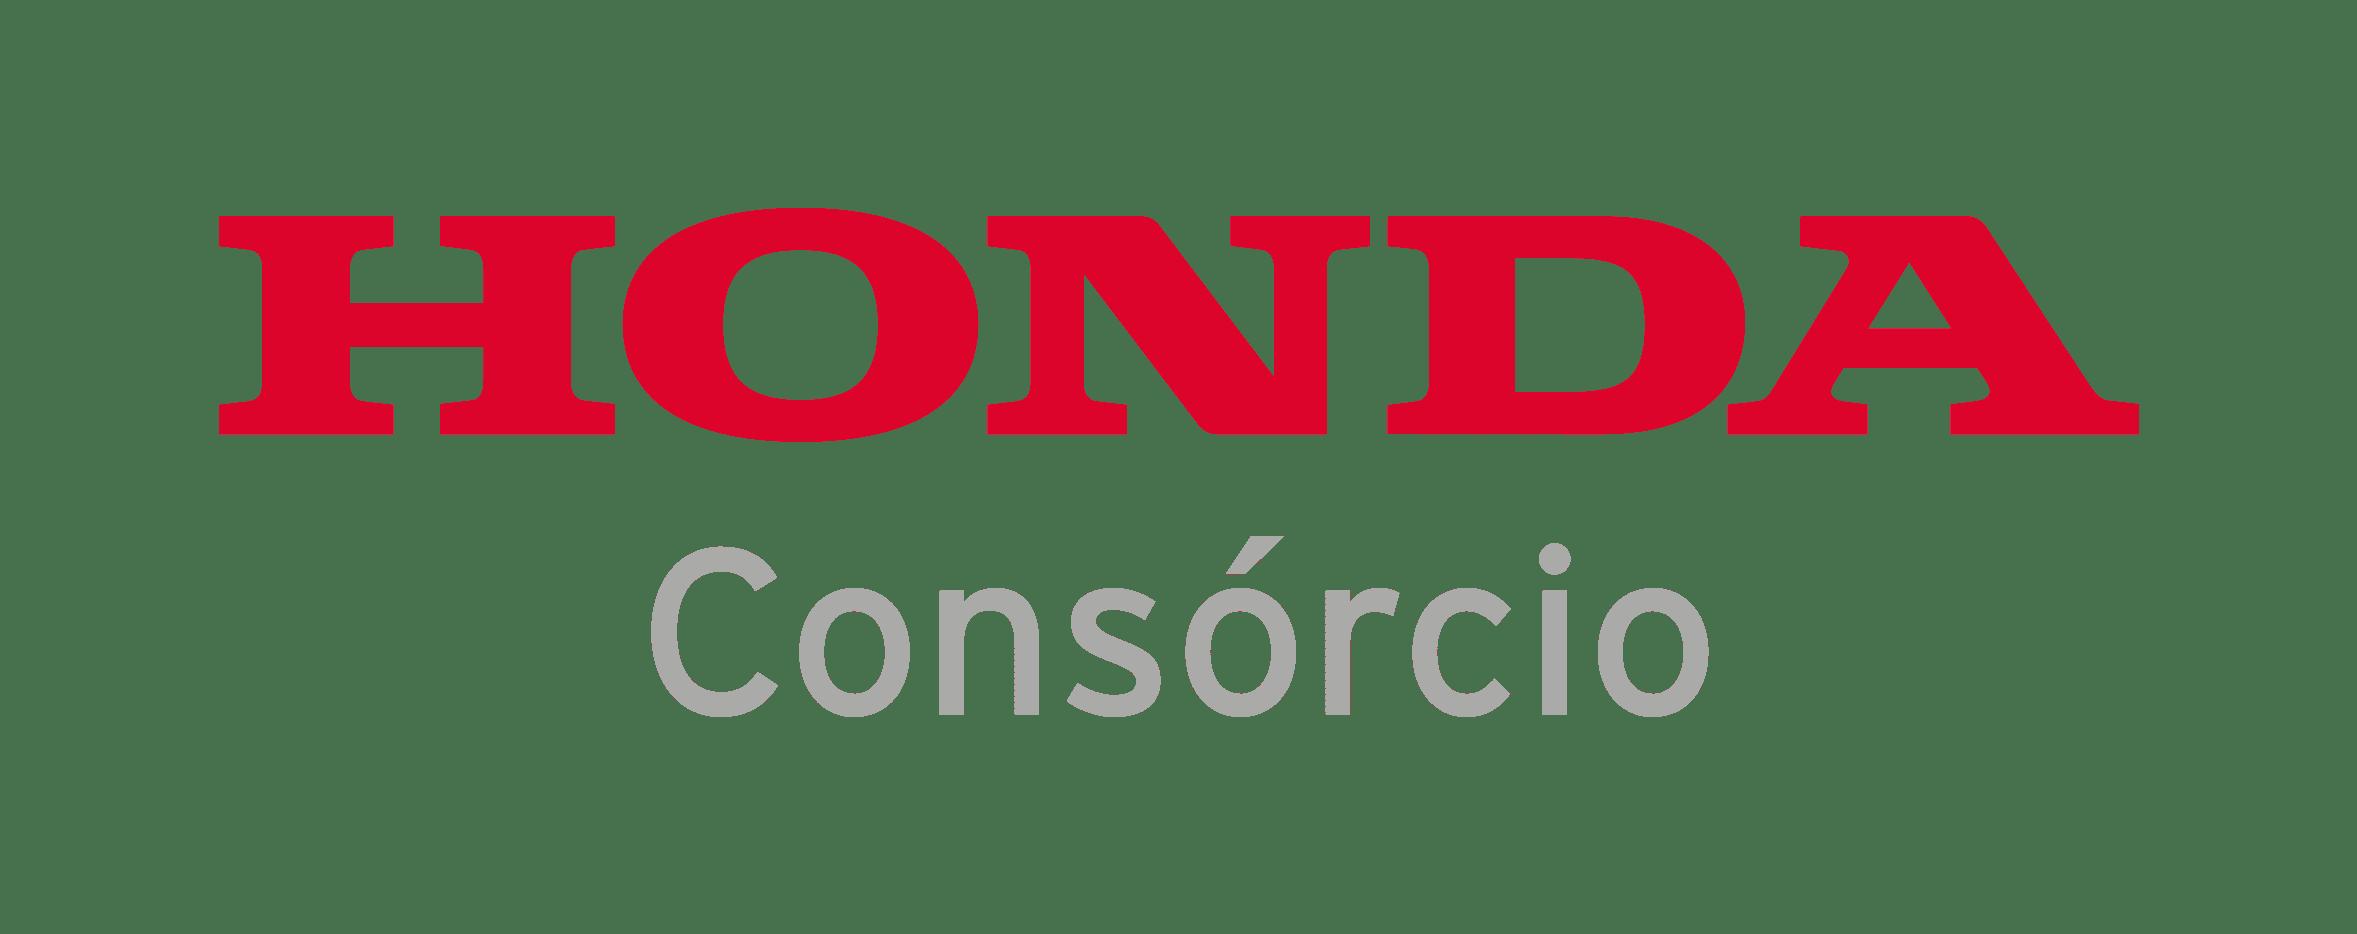 Consórcio de Moto Honda